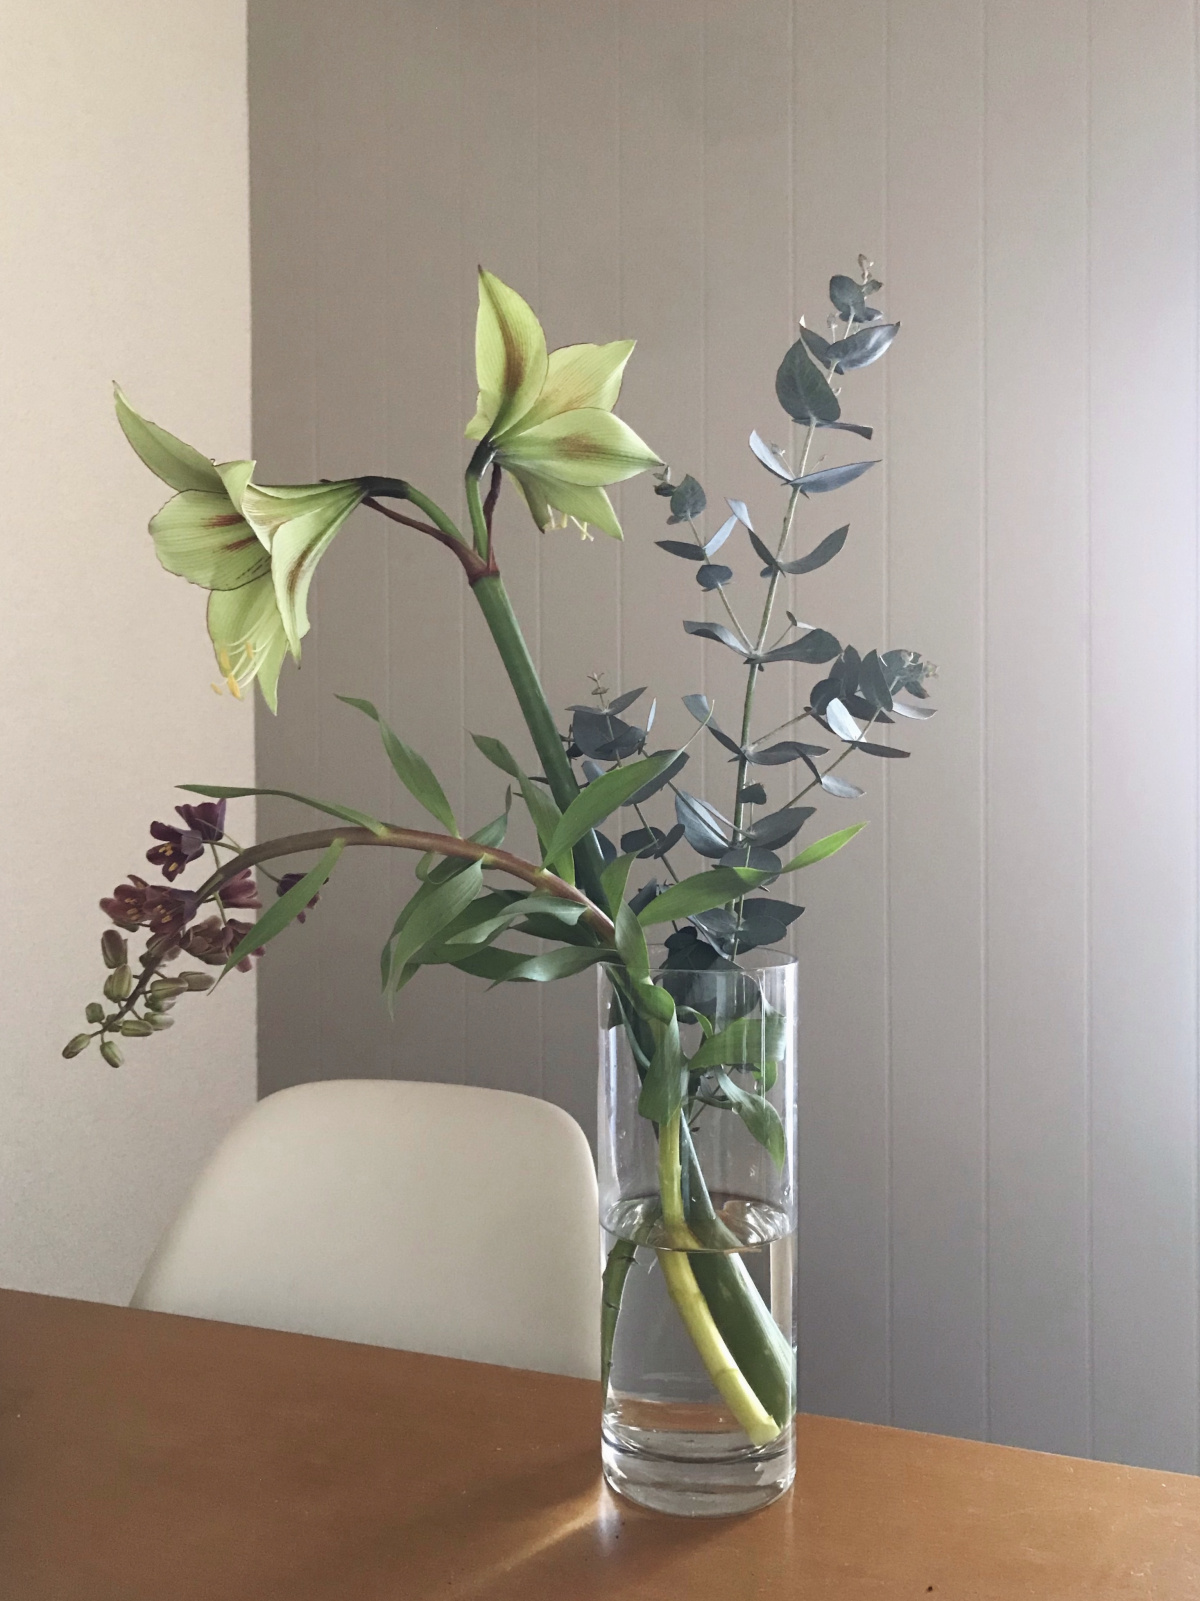 花を飾って、季節を感じ、気分を変える。【コロナに負けるな! いまだからできること #7】